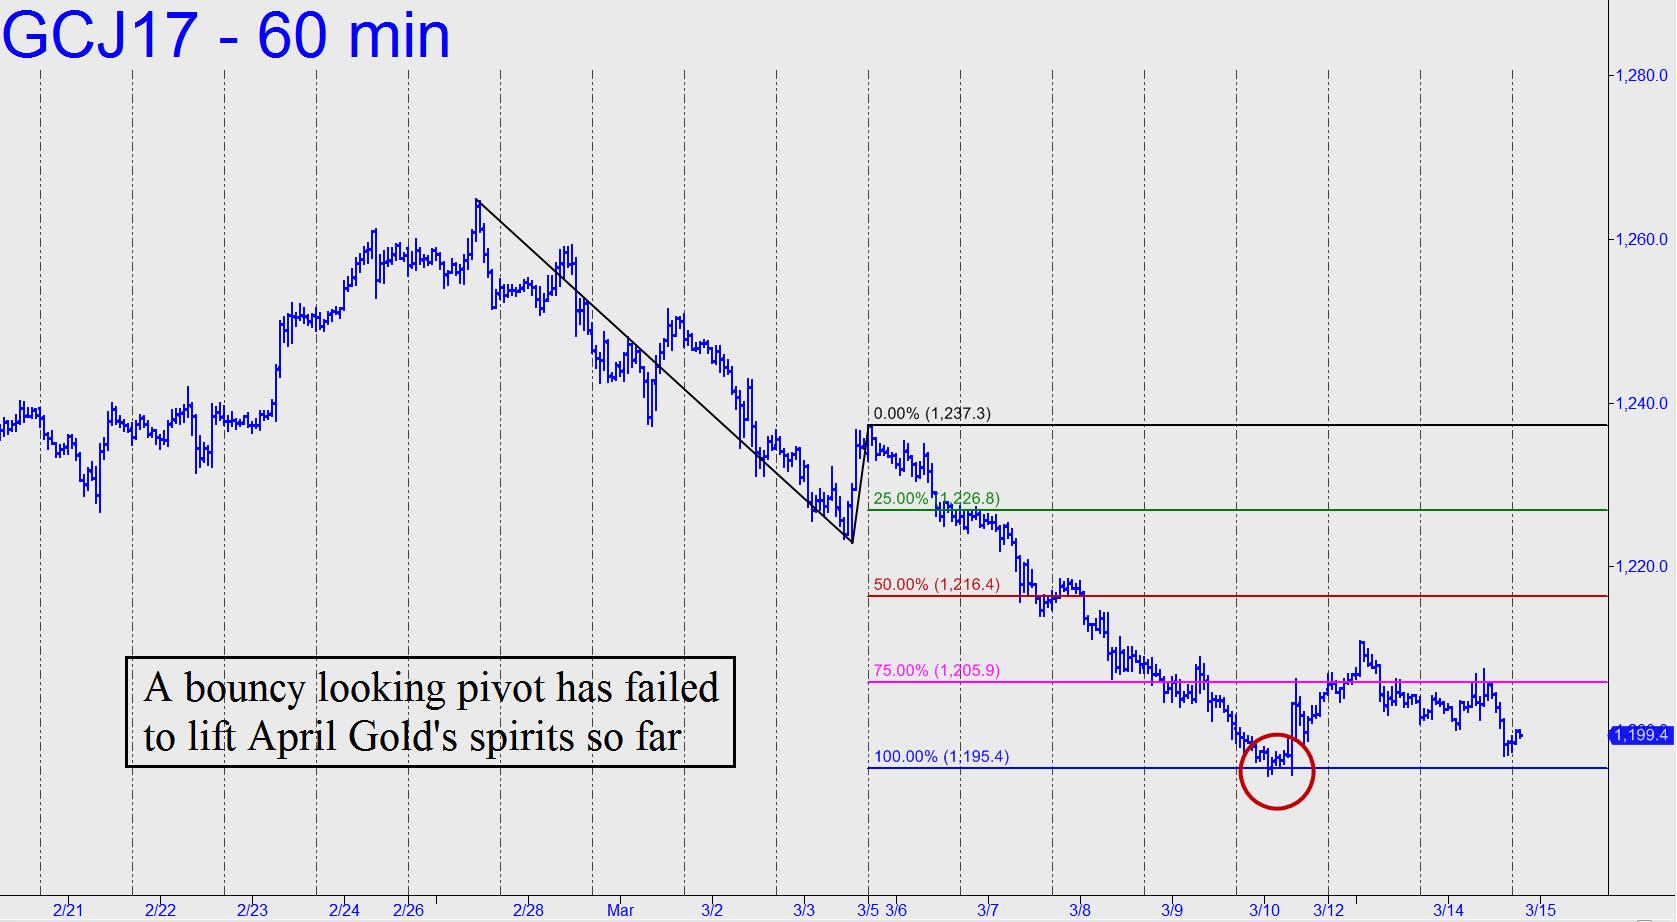 prix de l'or, de l'argent et des minières / suivi 2015 et ultérieurement - Page 8 Bouncy-looking-pivot-in-Gold-has-failed